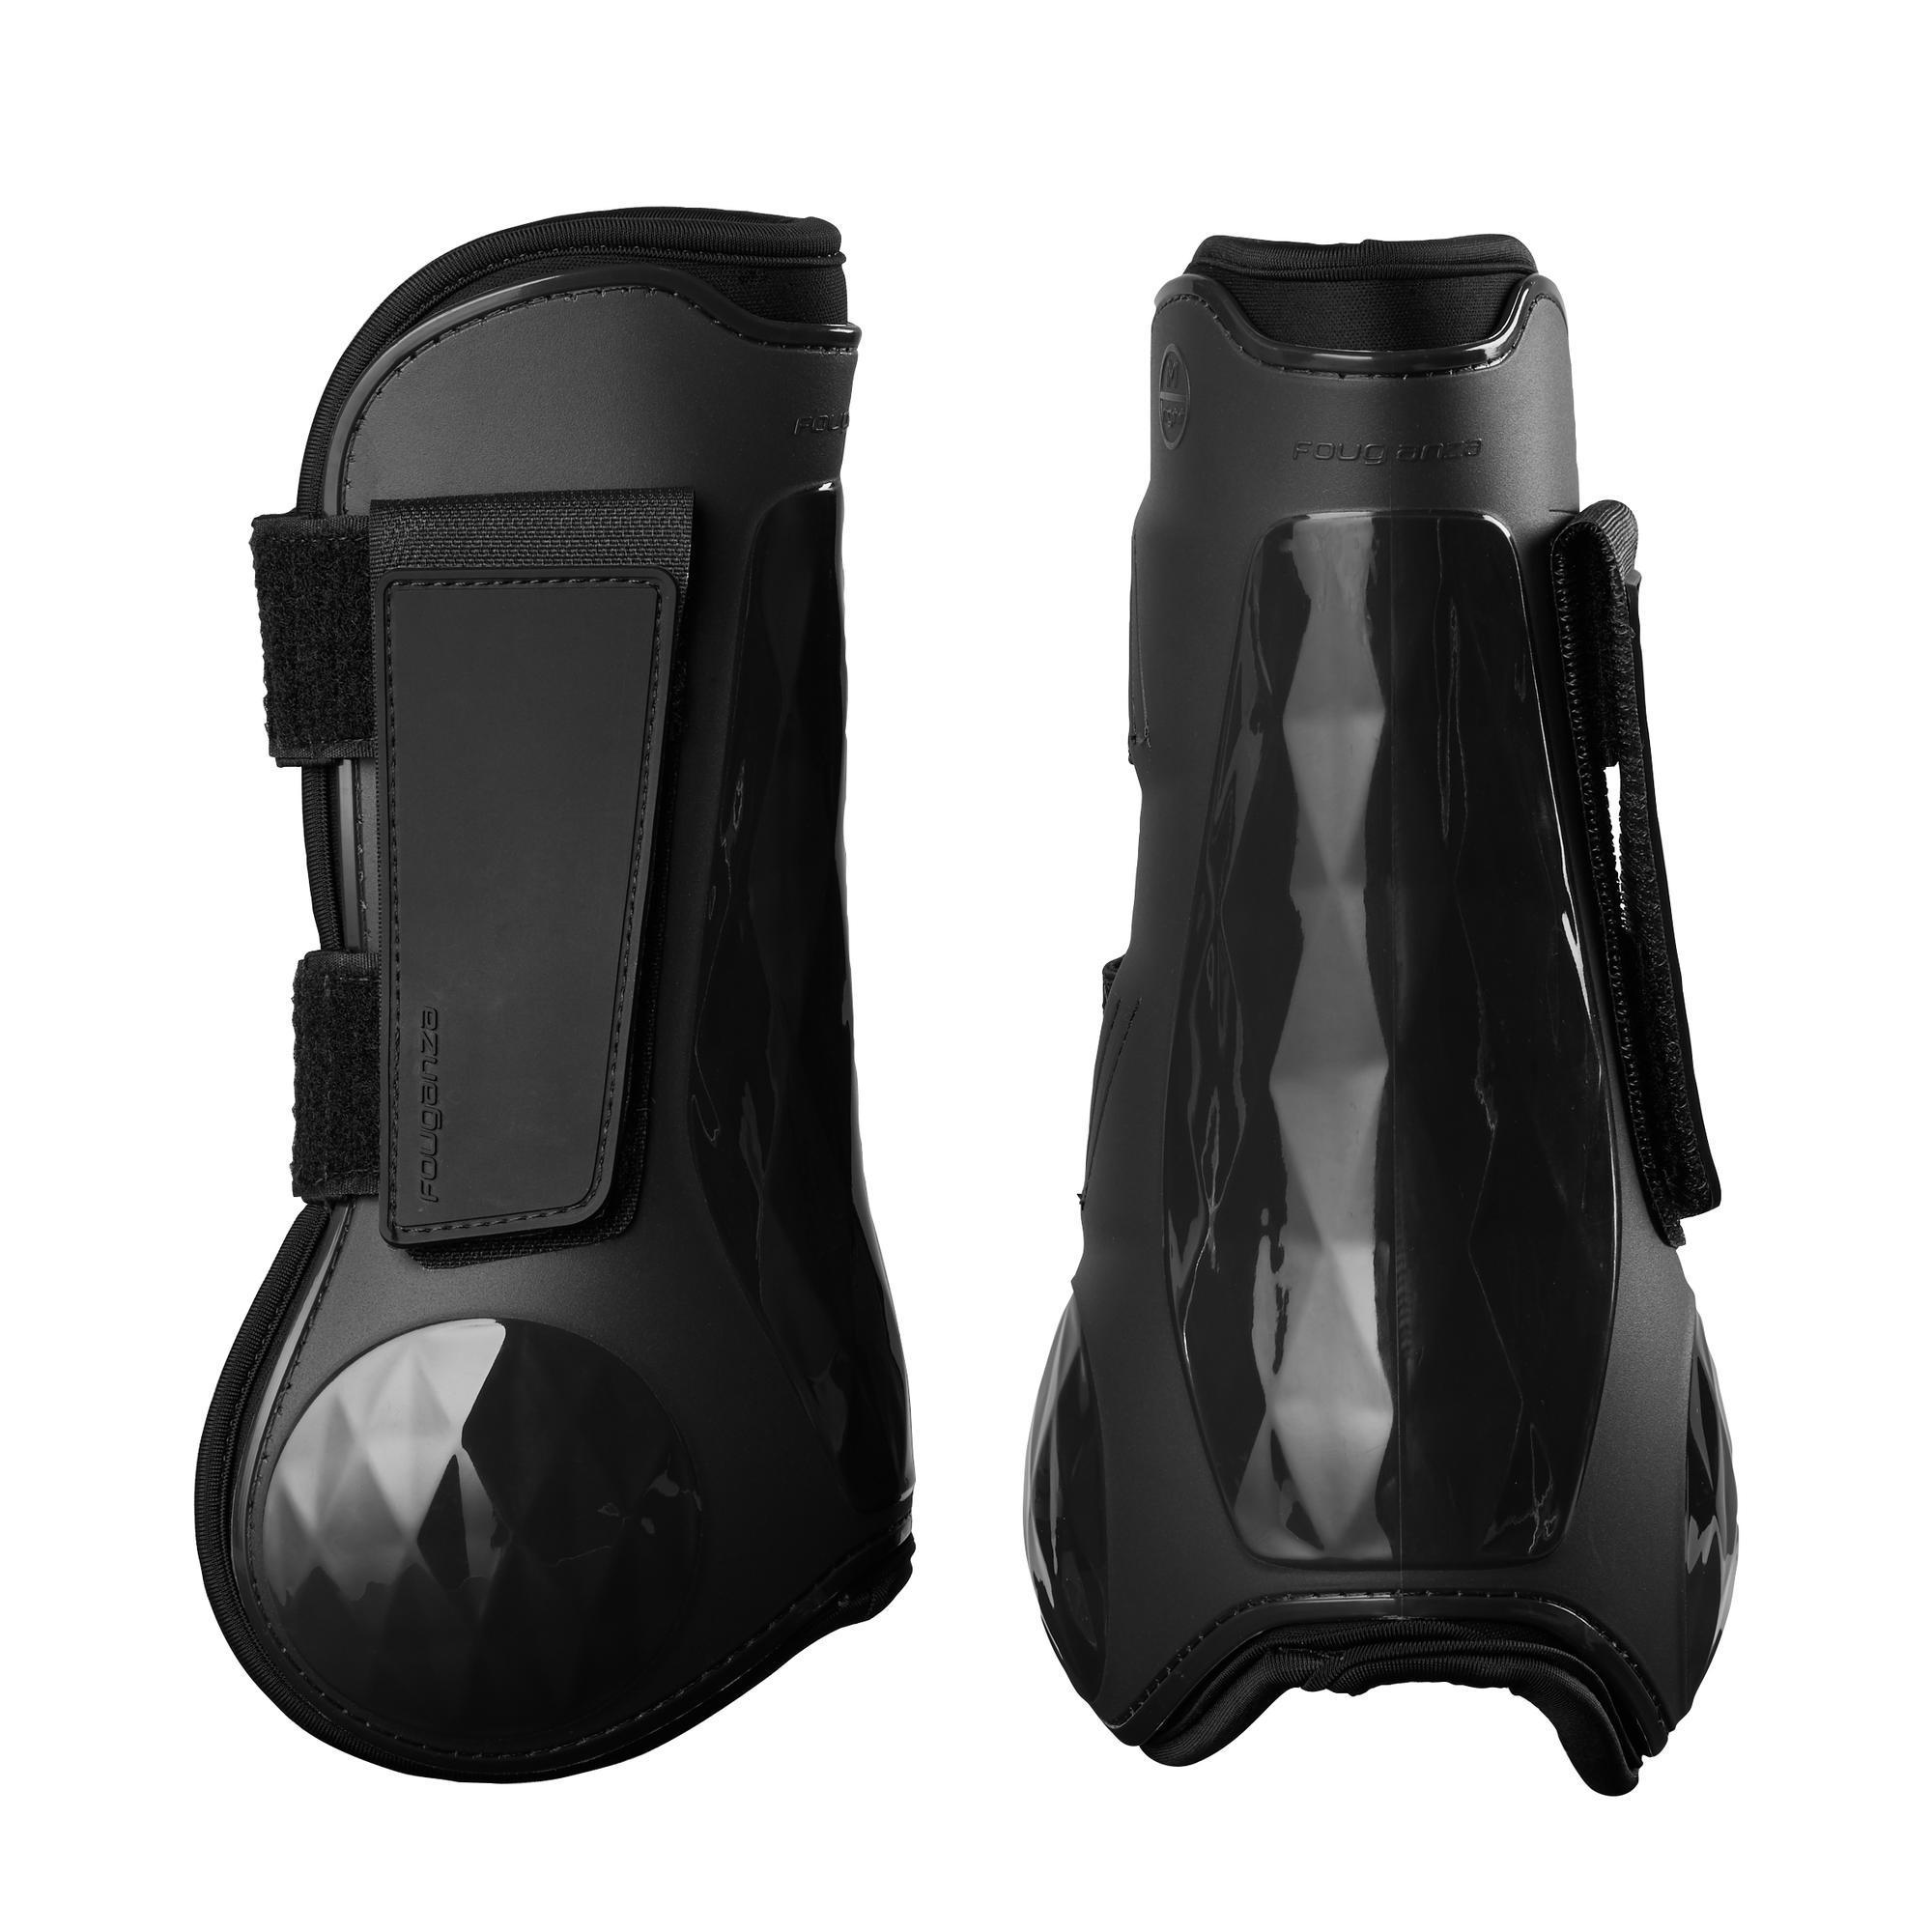 Protecci/ón de seguridad para ni/ños con protecci/ón para el cuerpo con protector de espalda ideal para actividades deportivas con rodillera y guante de nudillos r/ígidos